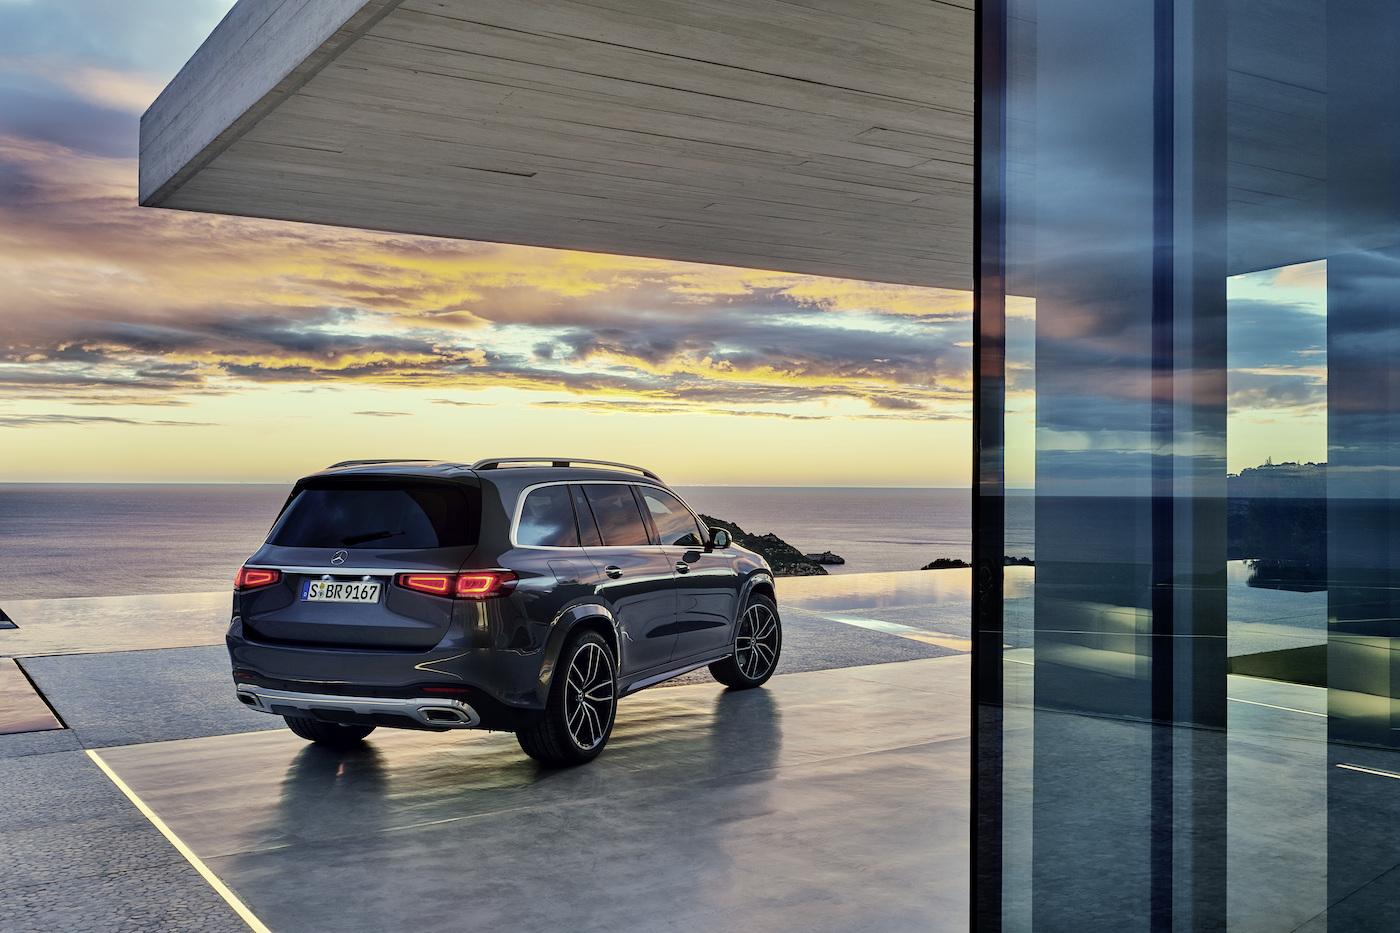 Die S-Klasse unter den SUV: Der neue Mercedes-Benz GLS 2